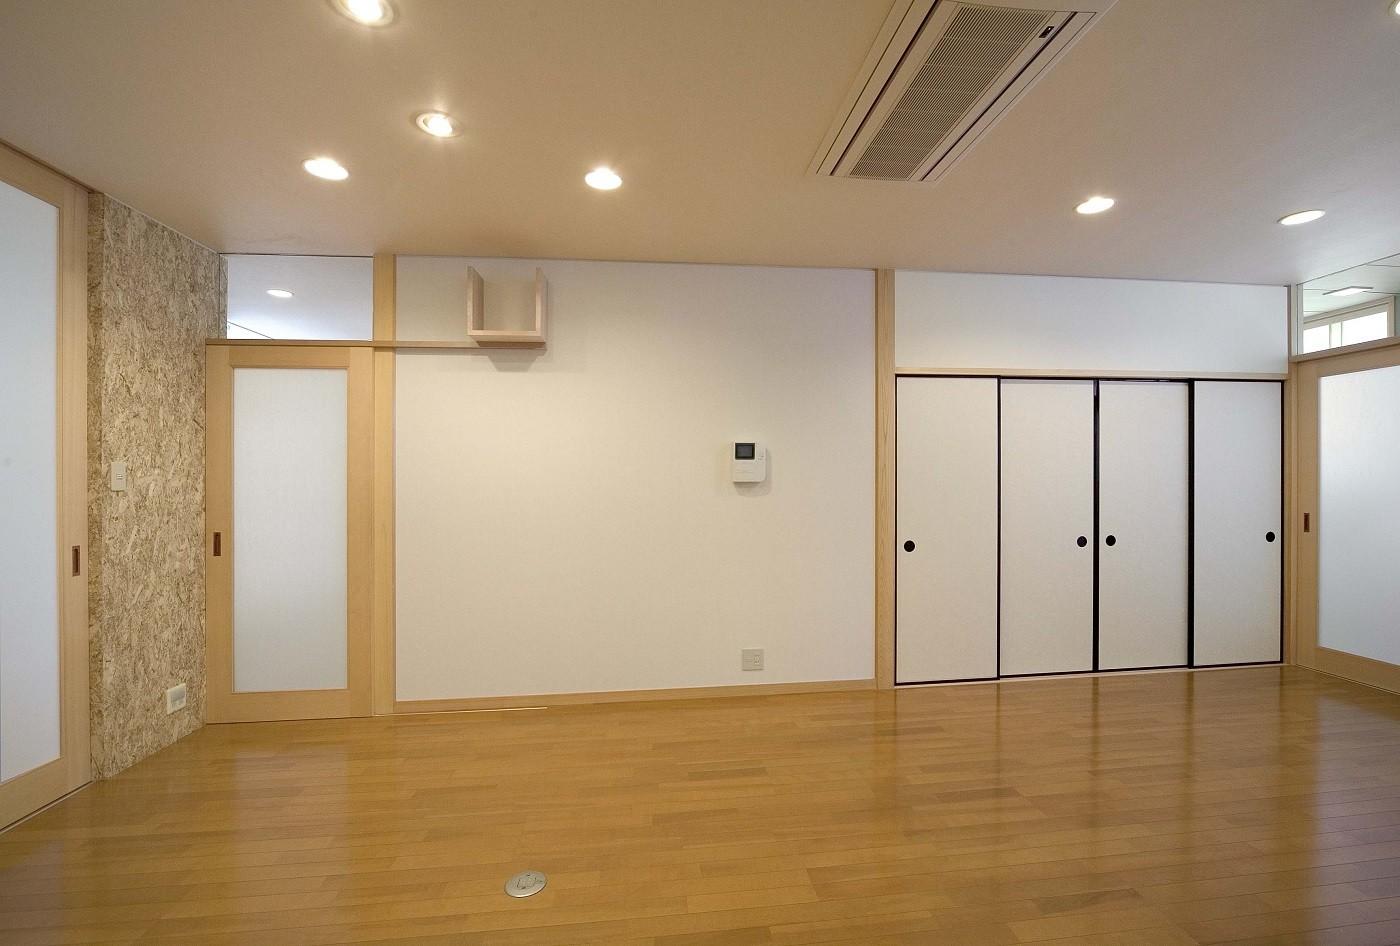 リビングダイニング事例:ダイニング(平屋に住まう:夫婦二人に ちょうどいいシンプルな住まい)